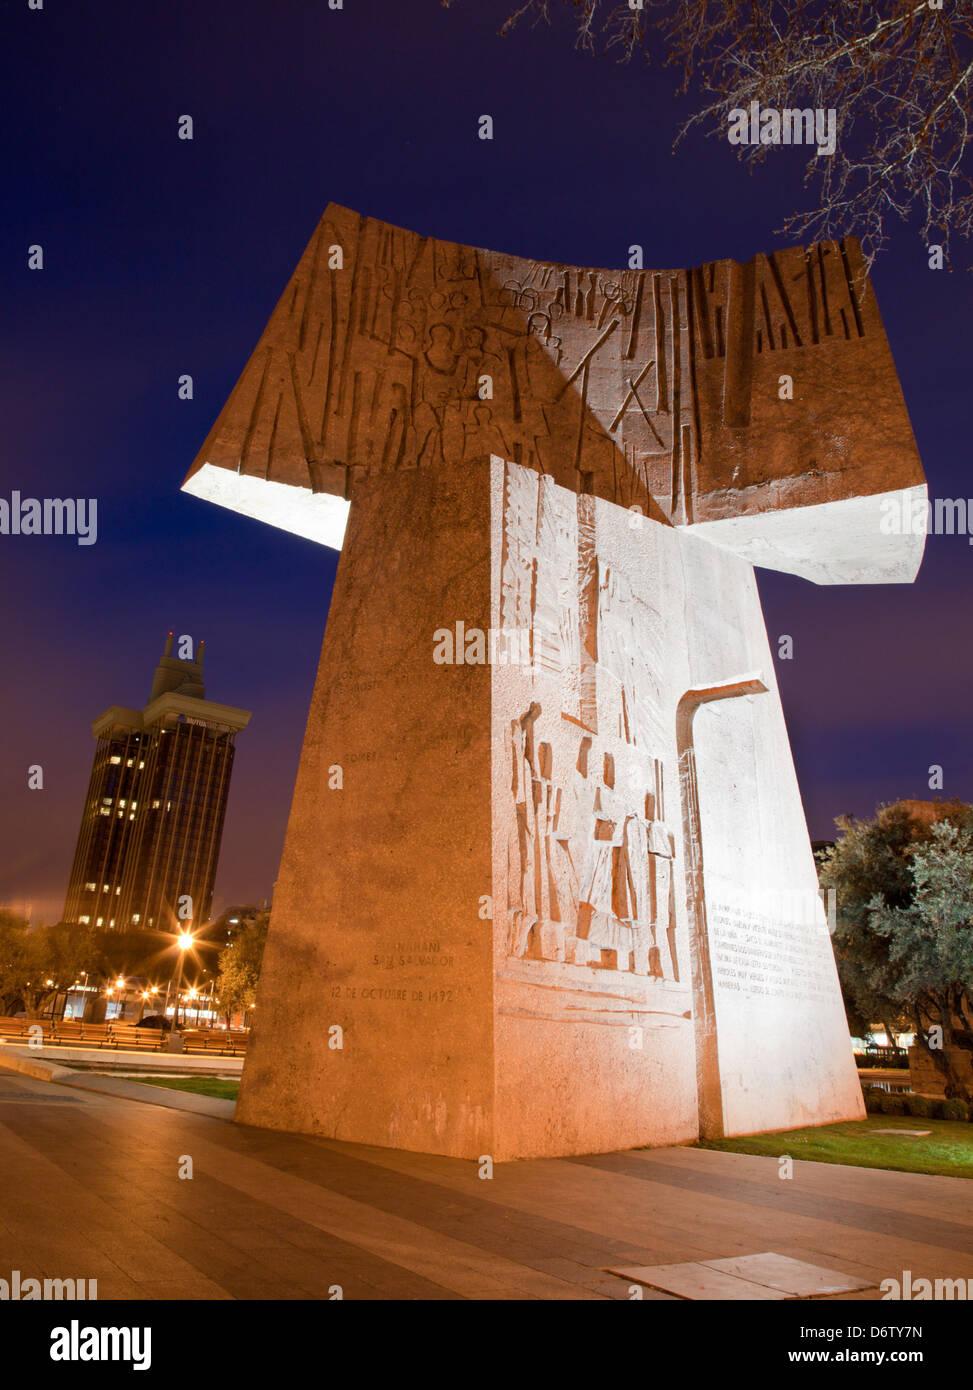 Madrid - una parte del monumento al Descubrimiento de America da Joaquin Vaquero Turcios nel crepuscolo Immagini Stock